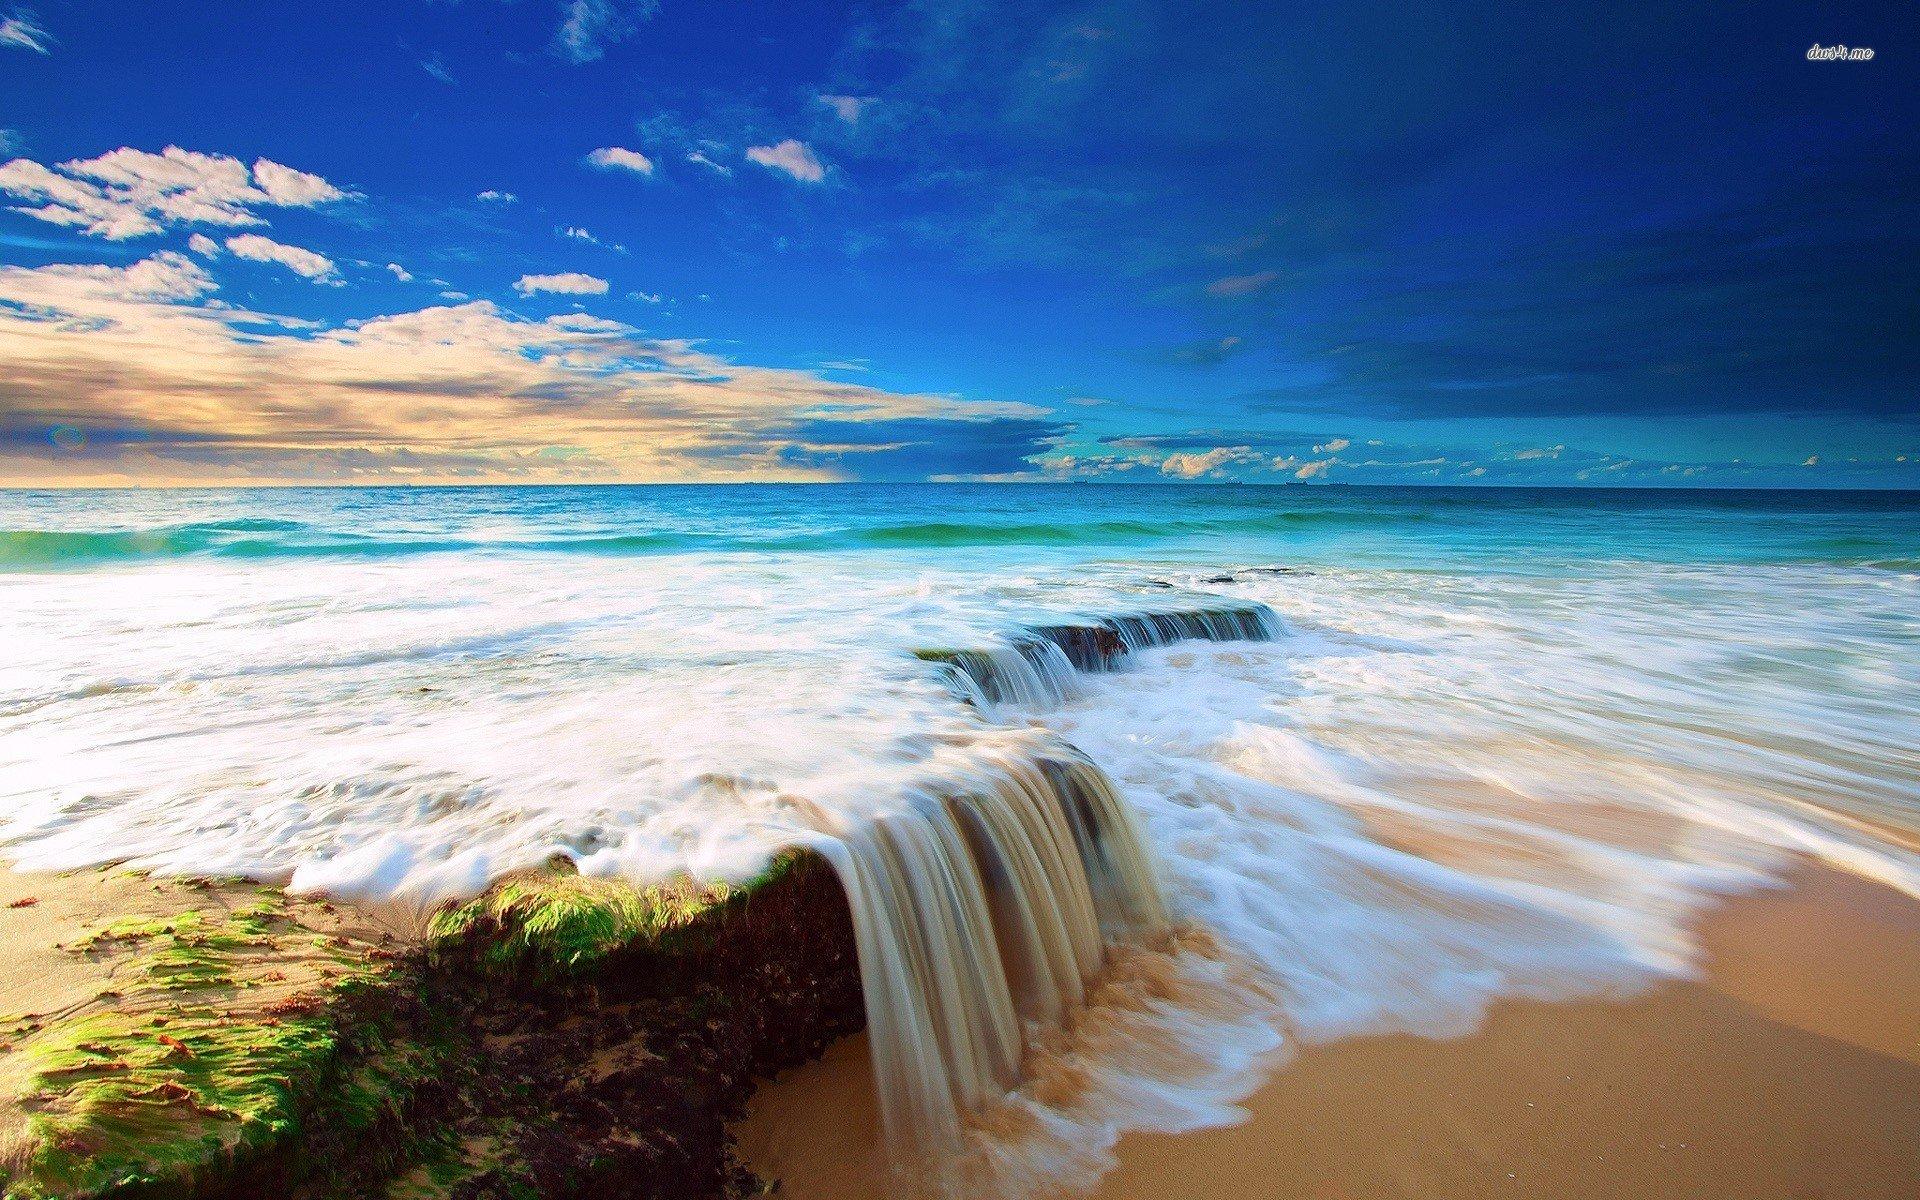 Ocean Wave Desktop Wallpaper - WallpaperSafari